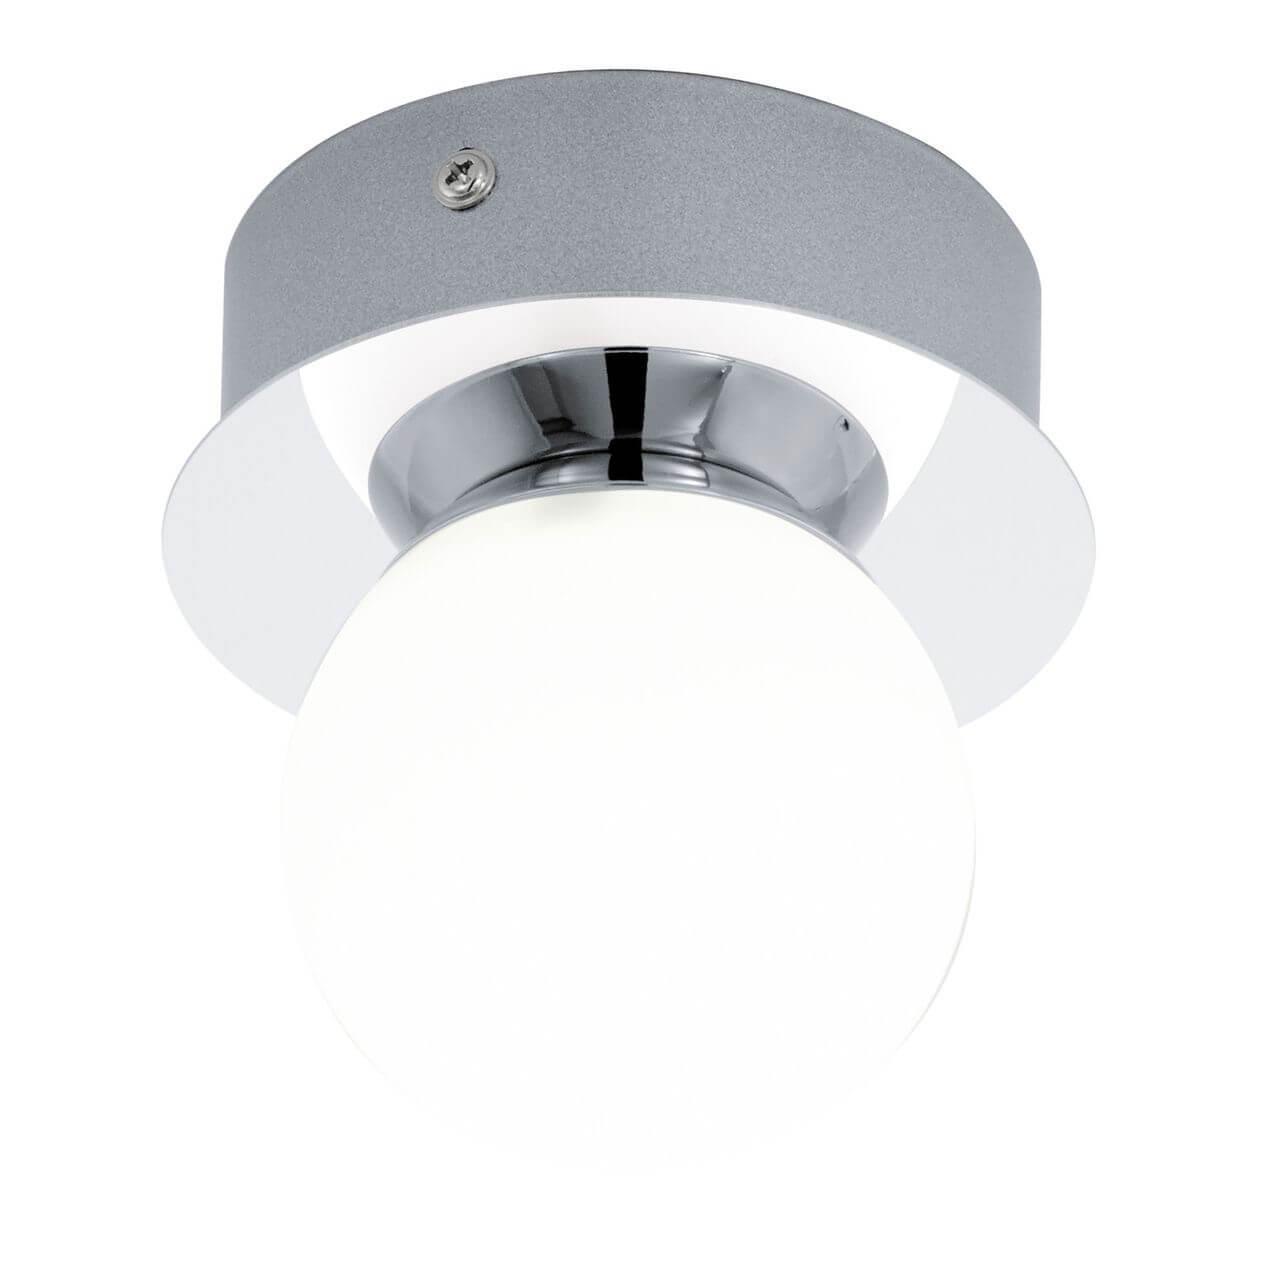 купить Настенно-потолочный светильник Eglo 94626, LED, 3 Вт по цене 4090 рублей